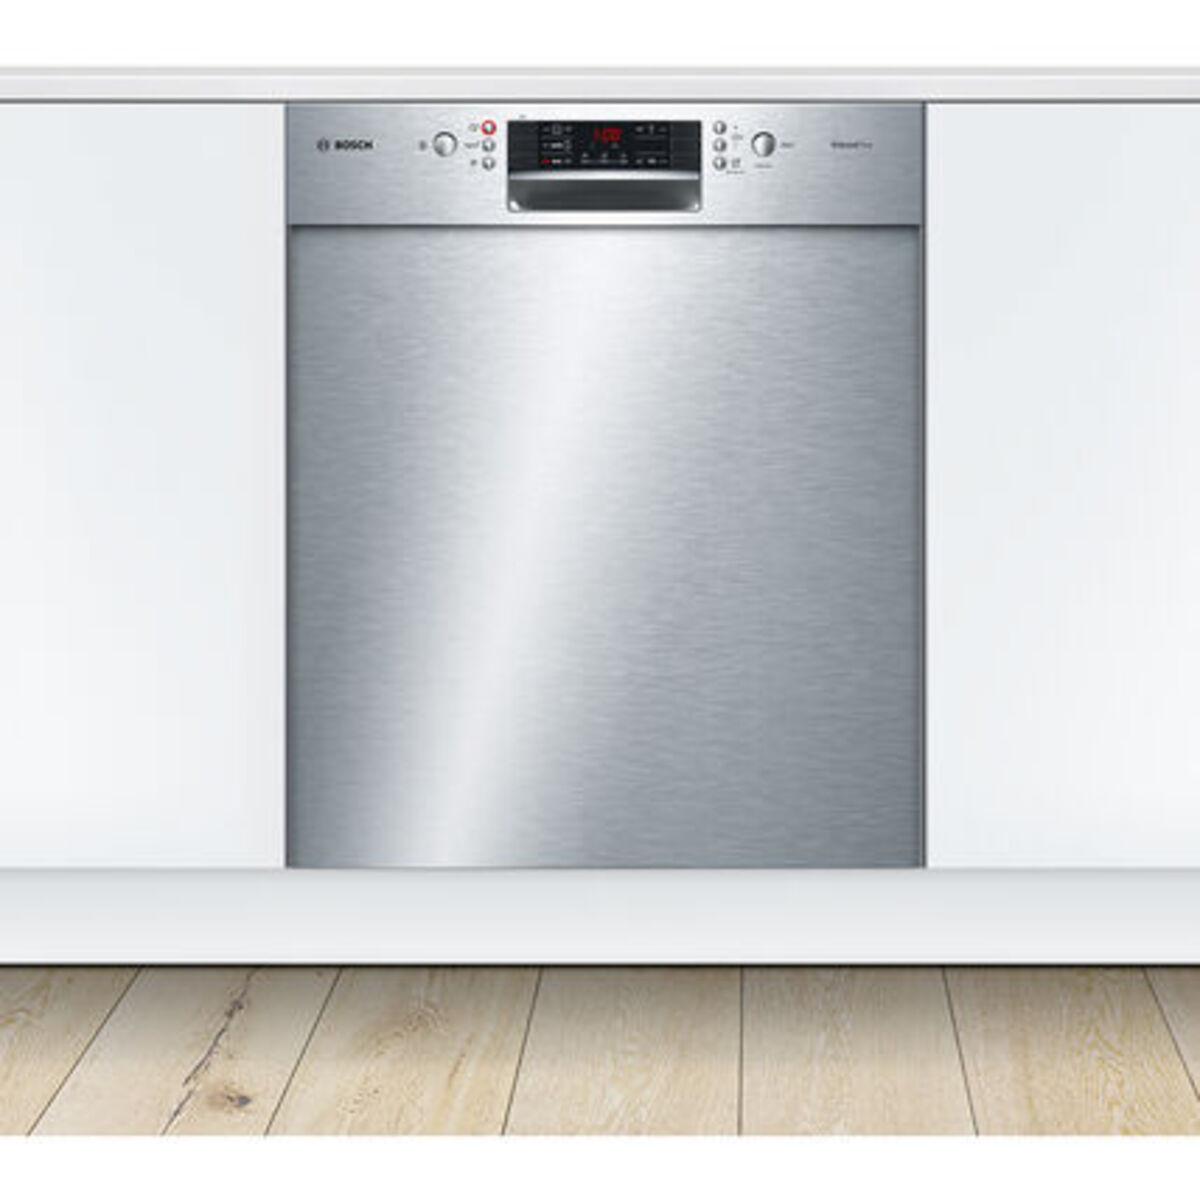 Bild 3 von Bosch SMU 45KS02E Silence Plus Unterbau-Geschirrspüler, A++, edelstahl matt